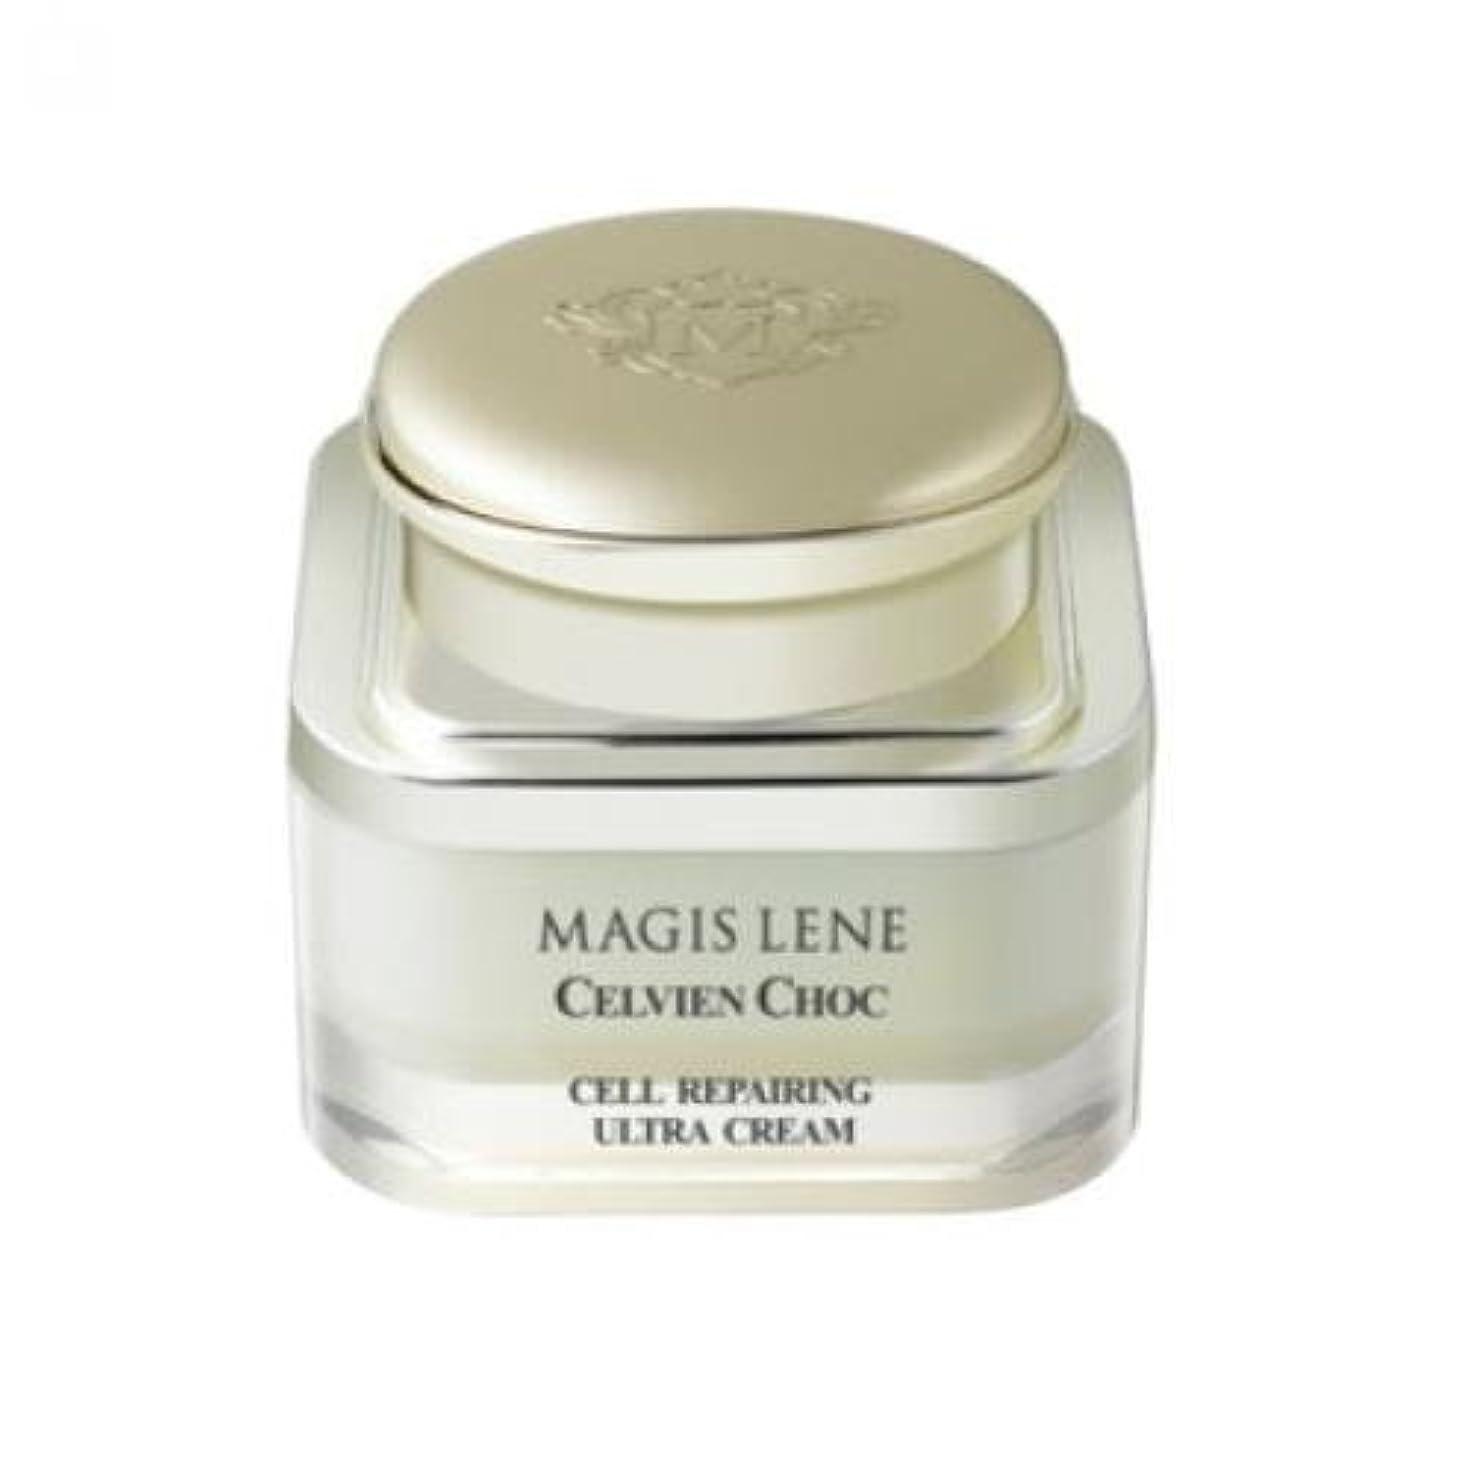 持っている不従順リーズMagis Celvien Choc Cell Repairing Ultra Cream/ Made in Korea